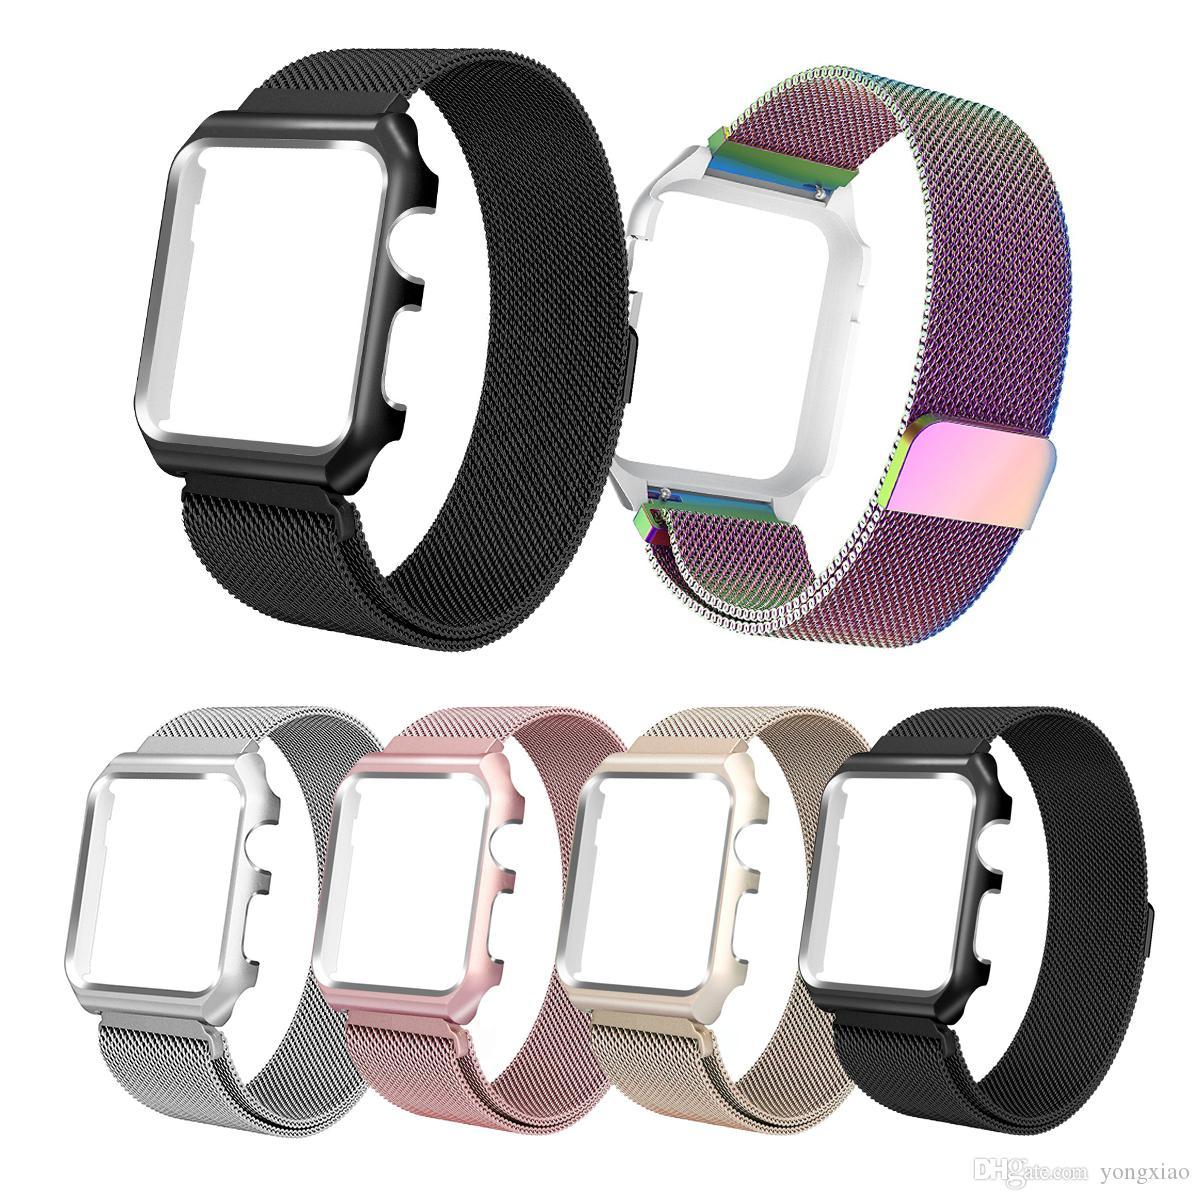 2f6f5512dae Compre Milanese Pulseira Alça Smartwatch Banda Para Apple Iwatch Série 1 2  Fecho Magnético De Aço Inoxidável Substituição Pulseira Com Case Frame  42 38 Mm ...